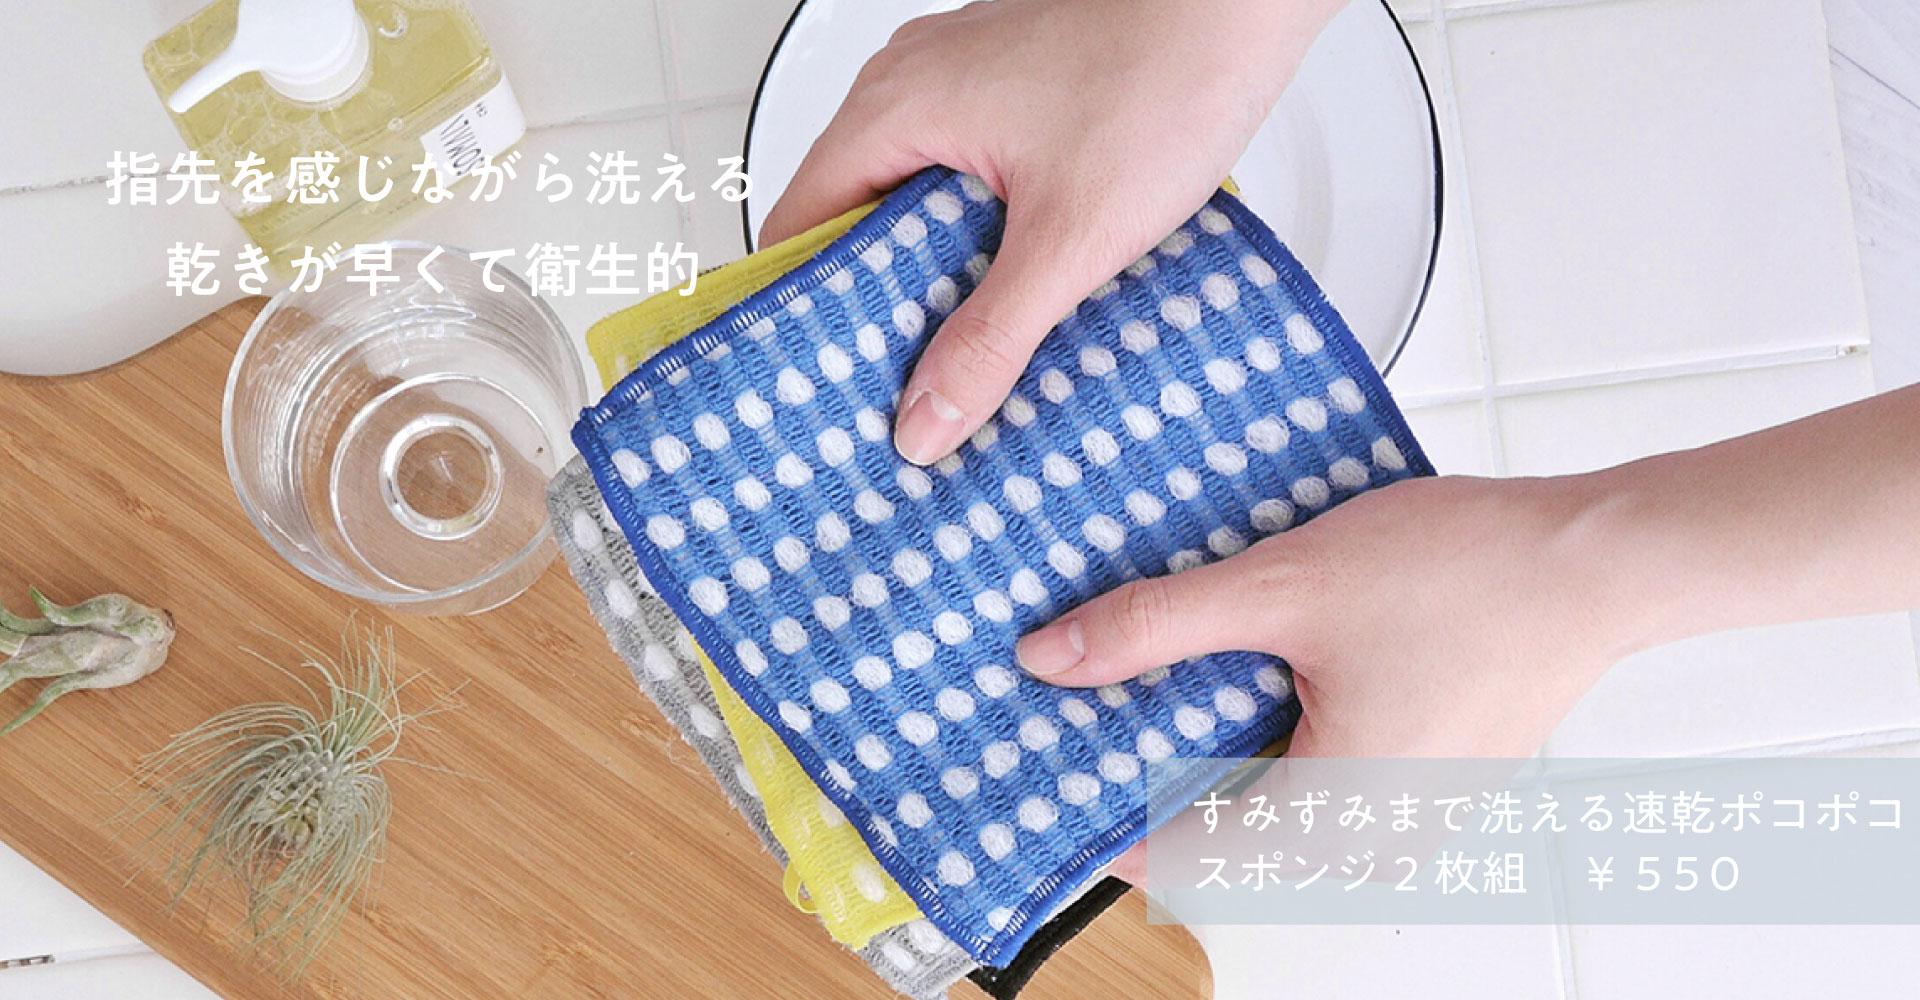 指先を感じながら洗える乾きが早くて衛生的『すみずみまで洗える速乾ポコポコスポンジ2枚組』¥550